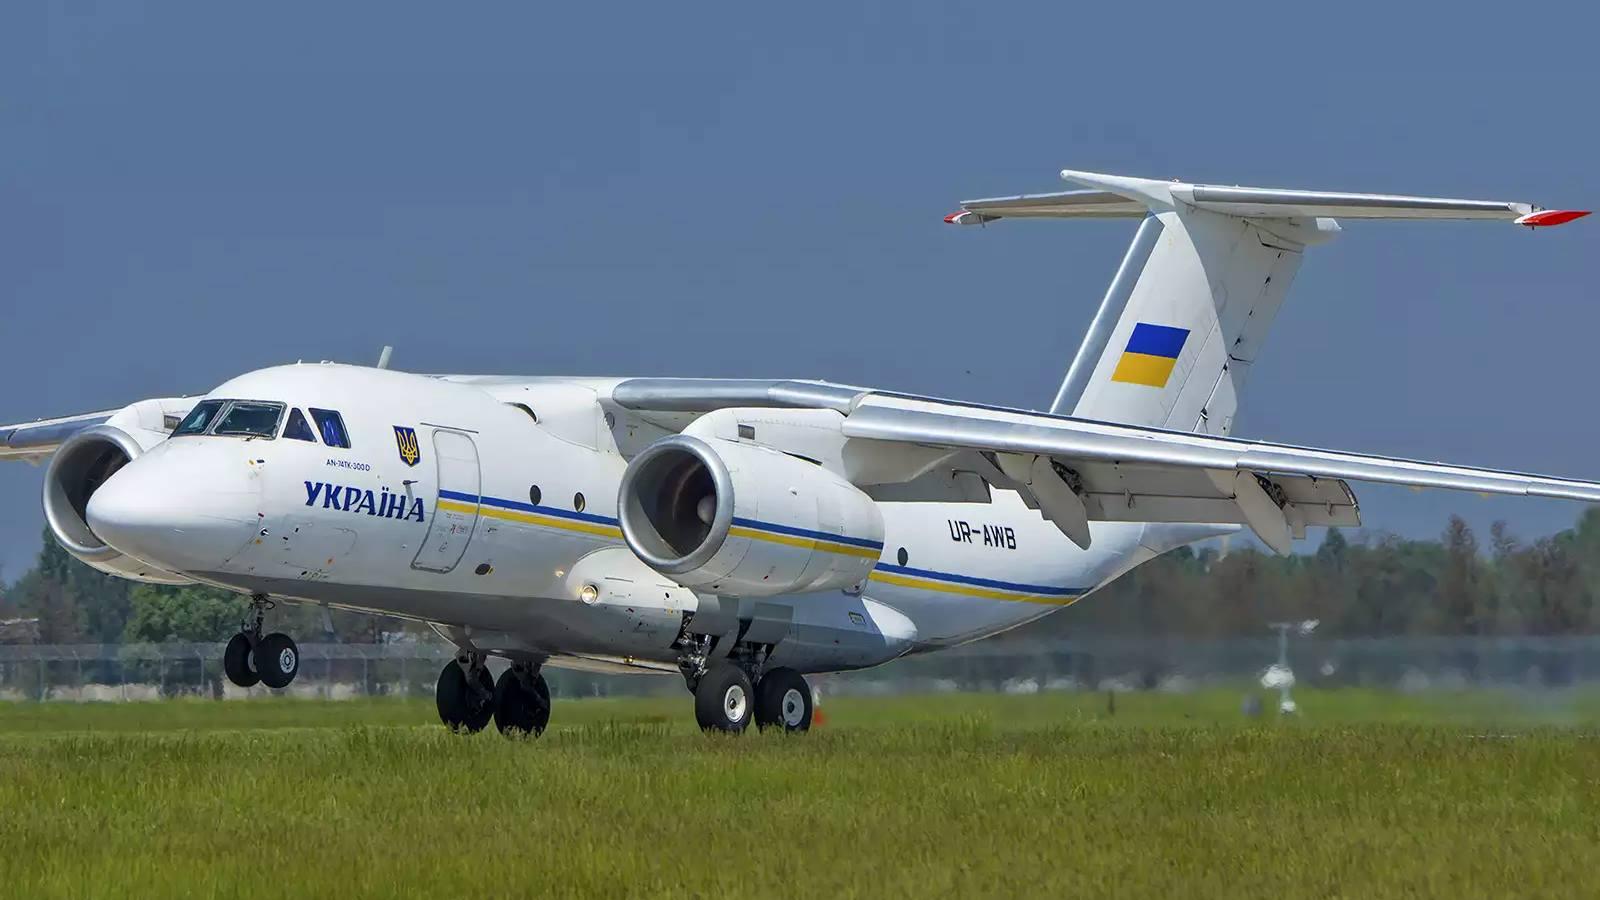 Харьковский авиазавод получил предоплату за самолет Ан-74